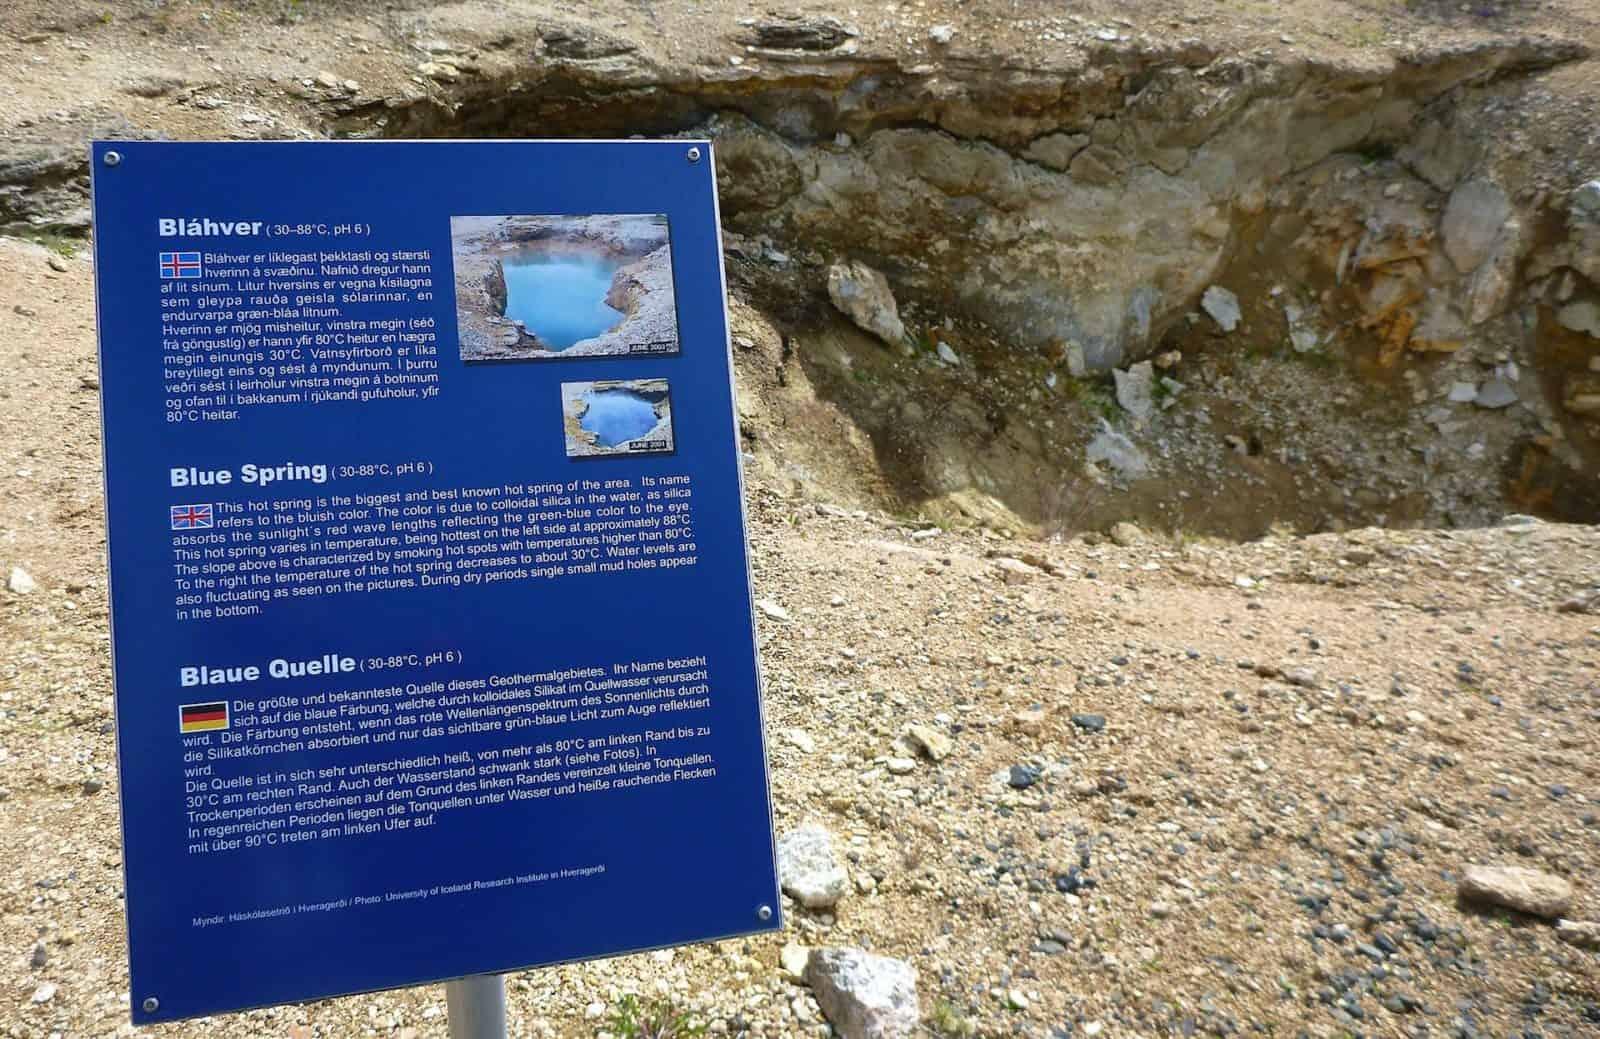 Bláhver - trocken gelaufen beim Erdbeben von 2011